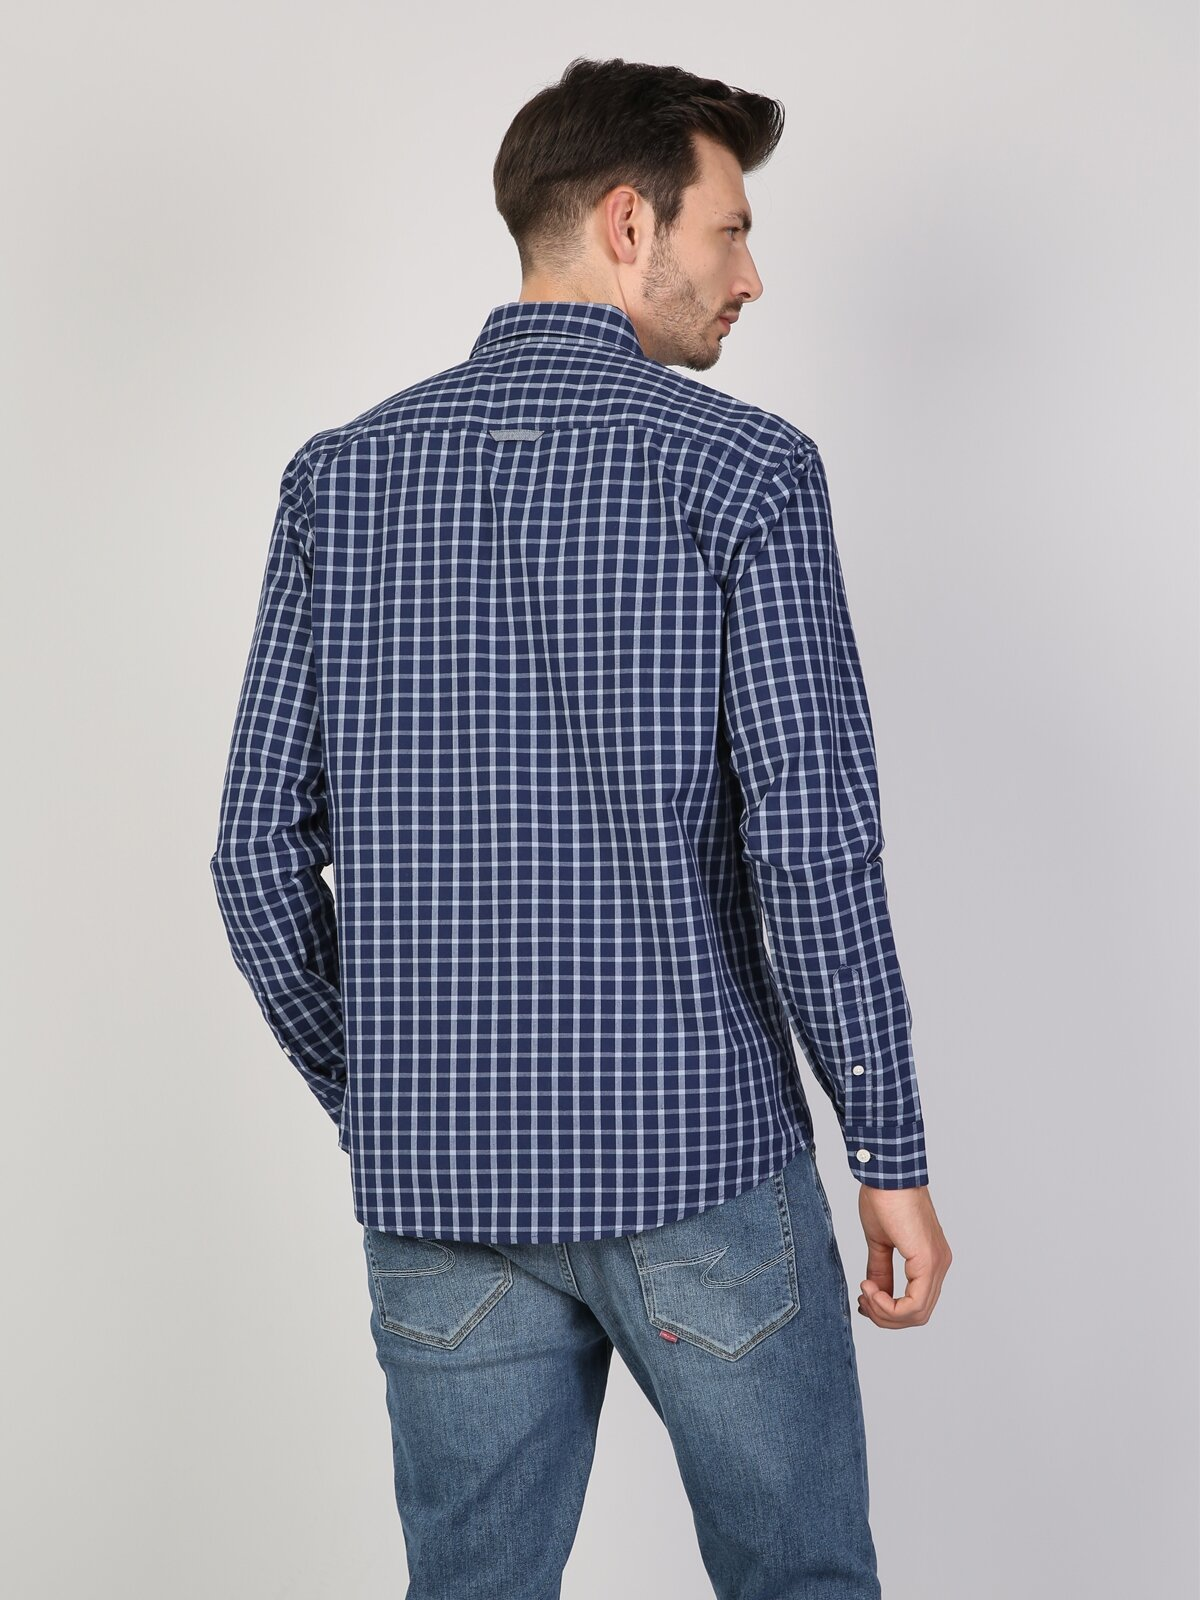 Regular Fit Shirt Neck Erkek İndigo Uzun Kol Gömlek